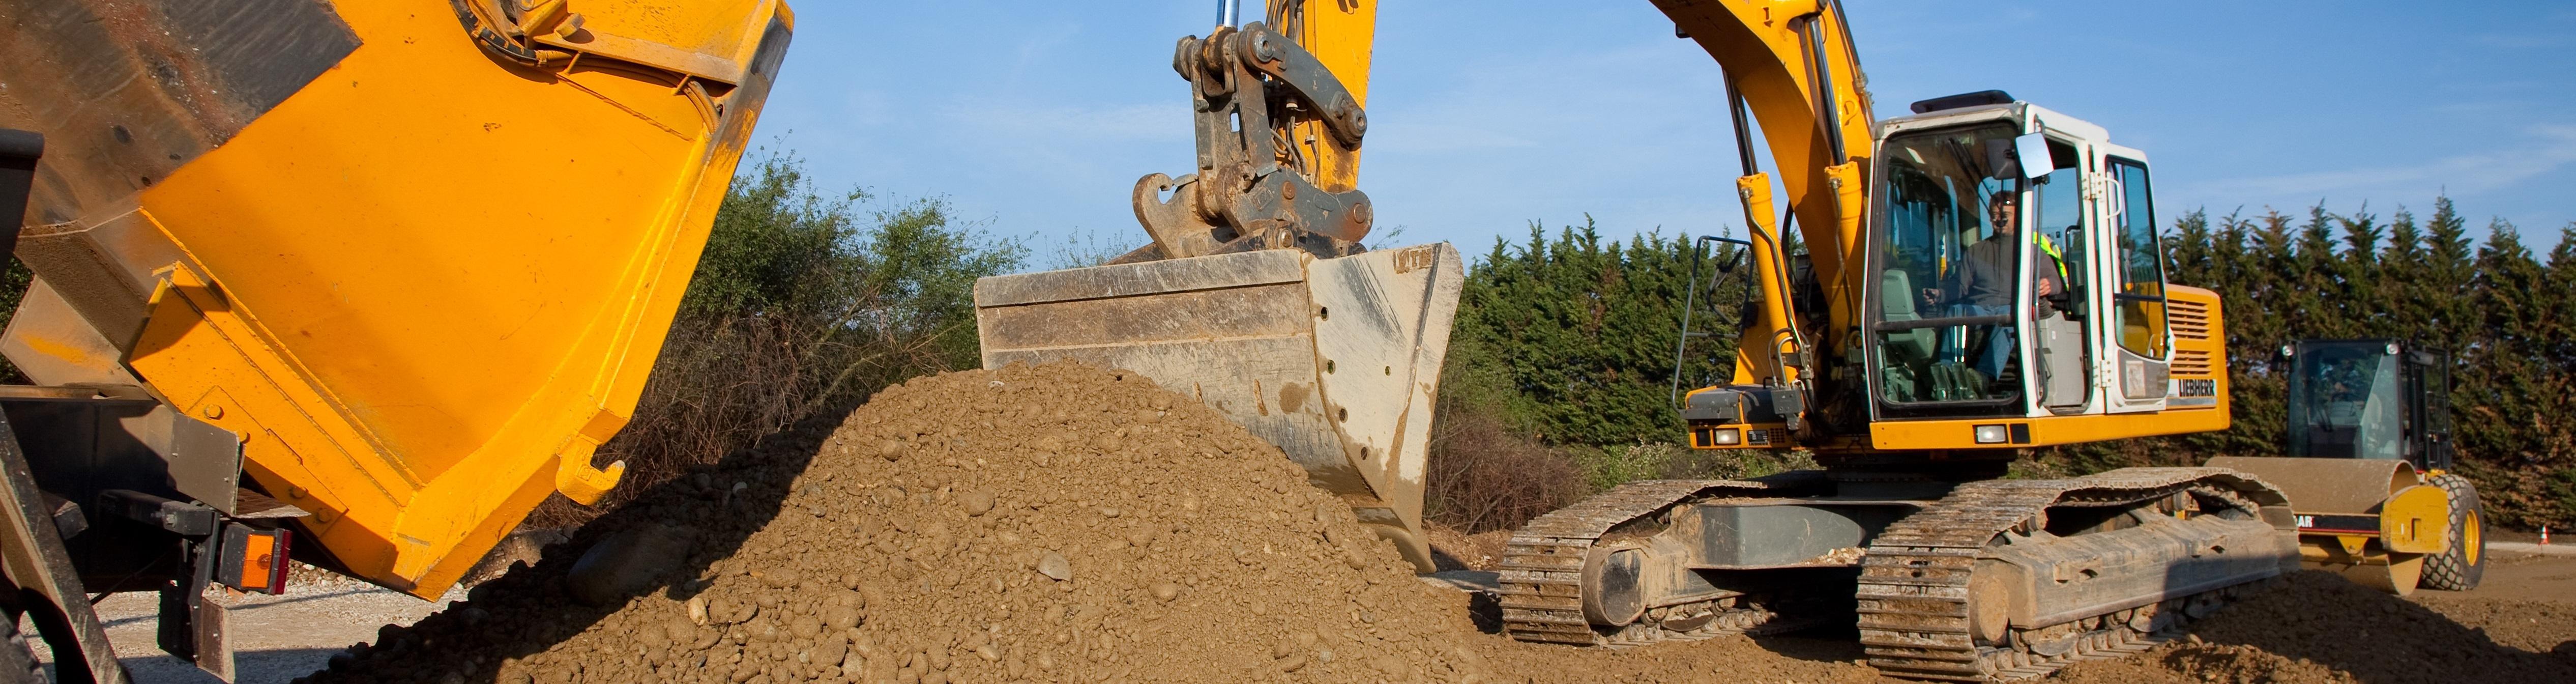 Pelle à chenille Liebherr 914 utilisée pour les chantiers de terrassement